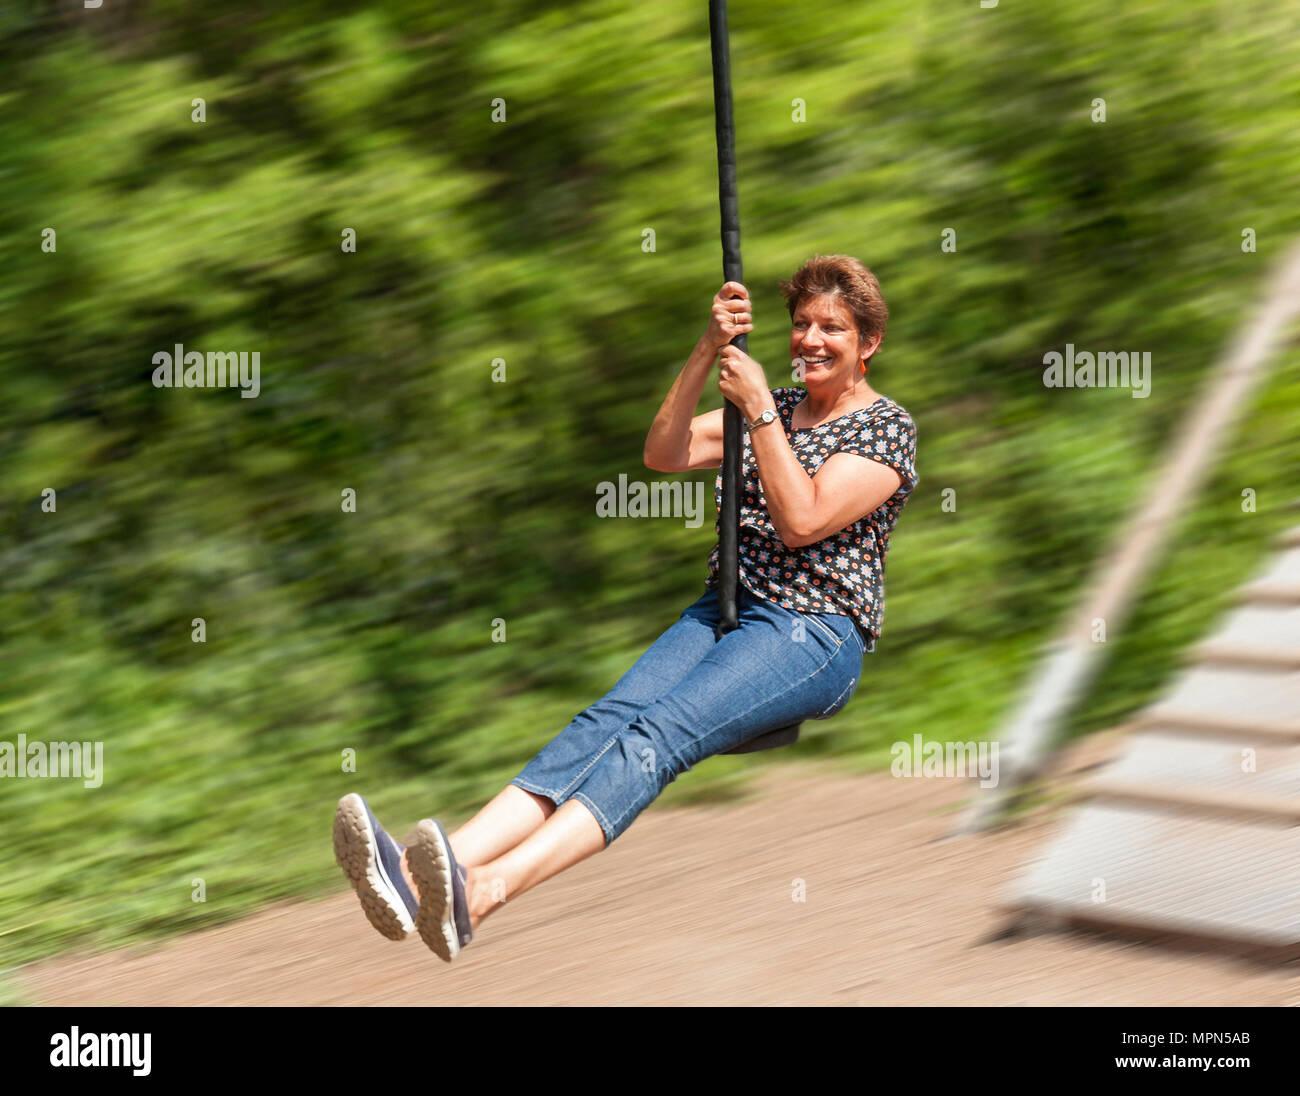 Femme d'âge moyen sur un zip sur le fil. Photo Stock